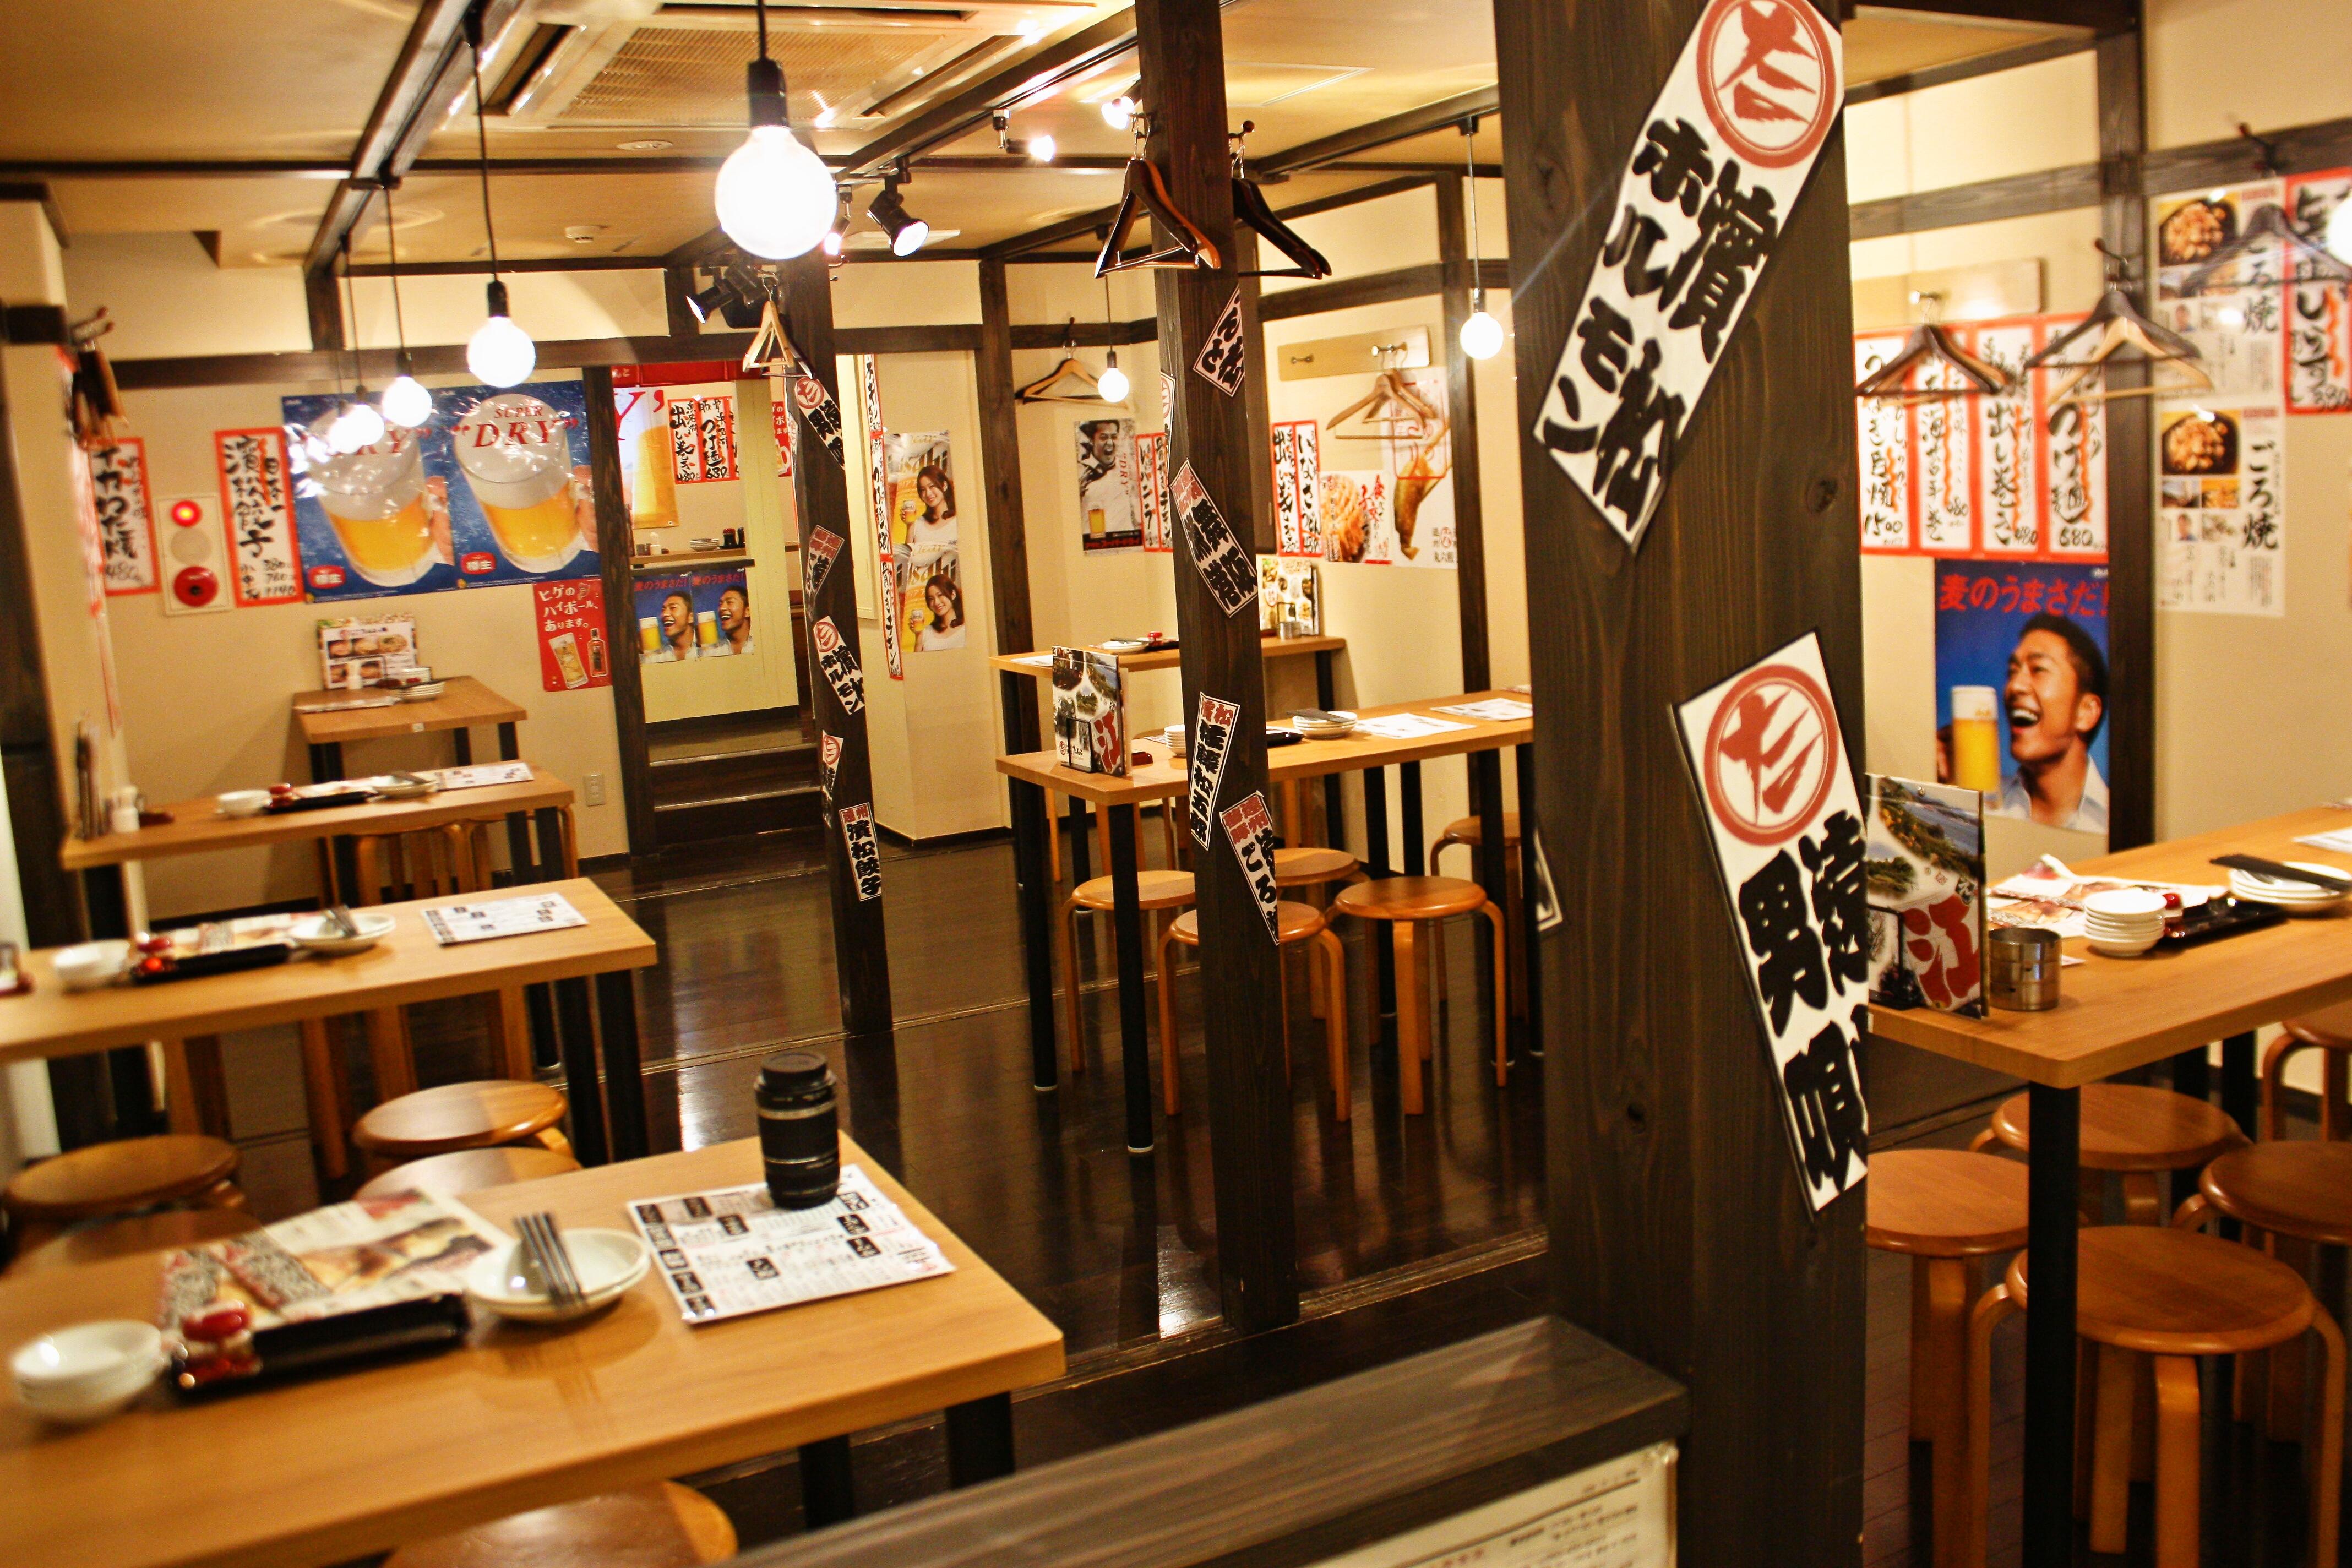 画像:濱松たんと有楽街店/Hamamatsu-tanto Yurakugai store